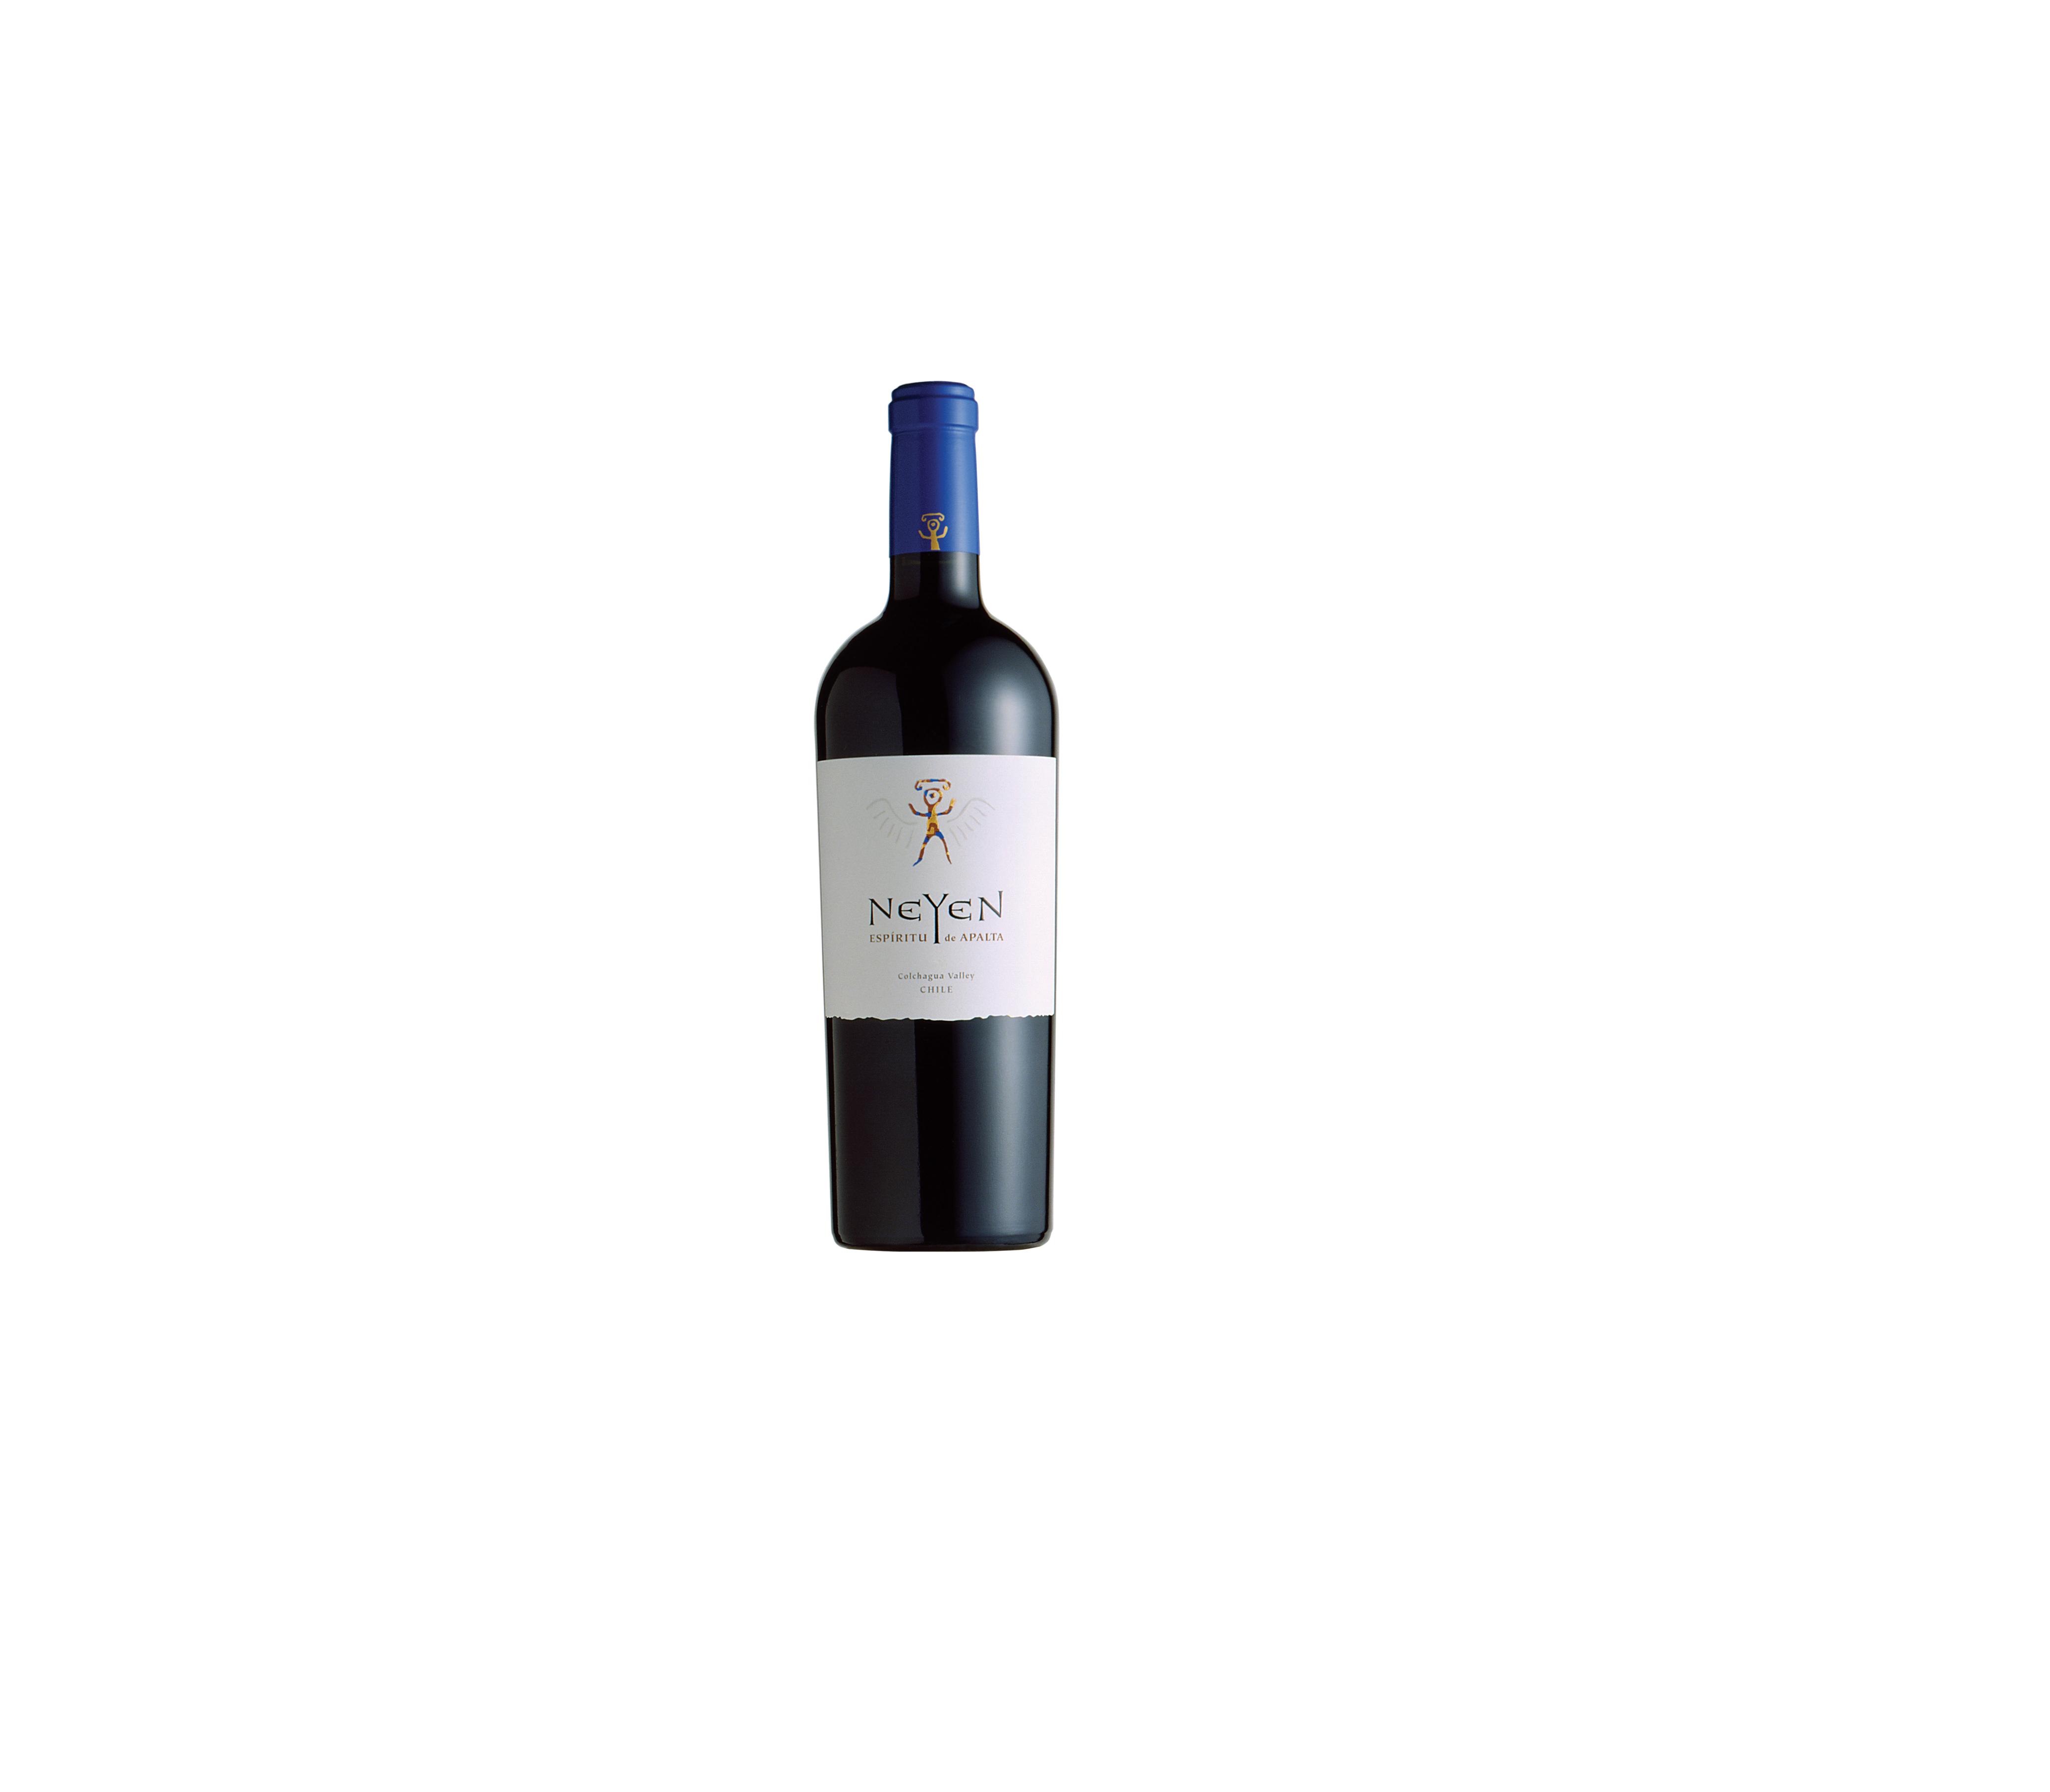 Descorchados 2016: Neyén, el mejor vino del valle de Apalta